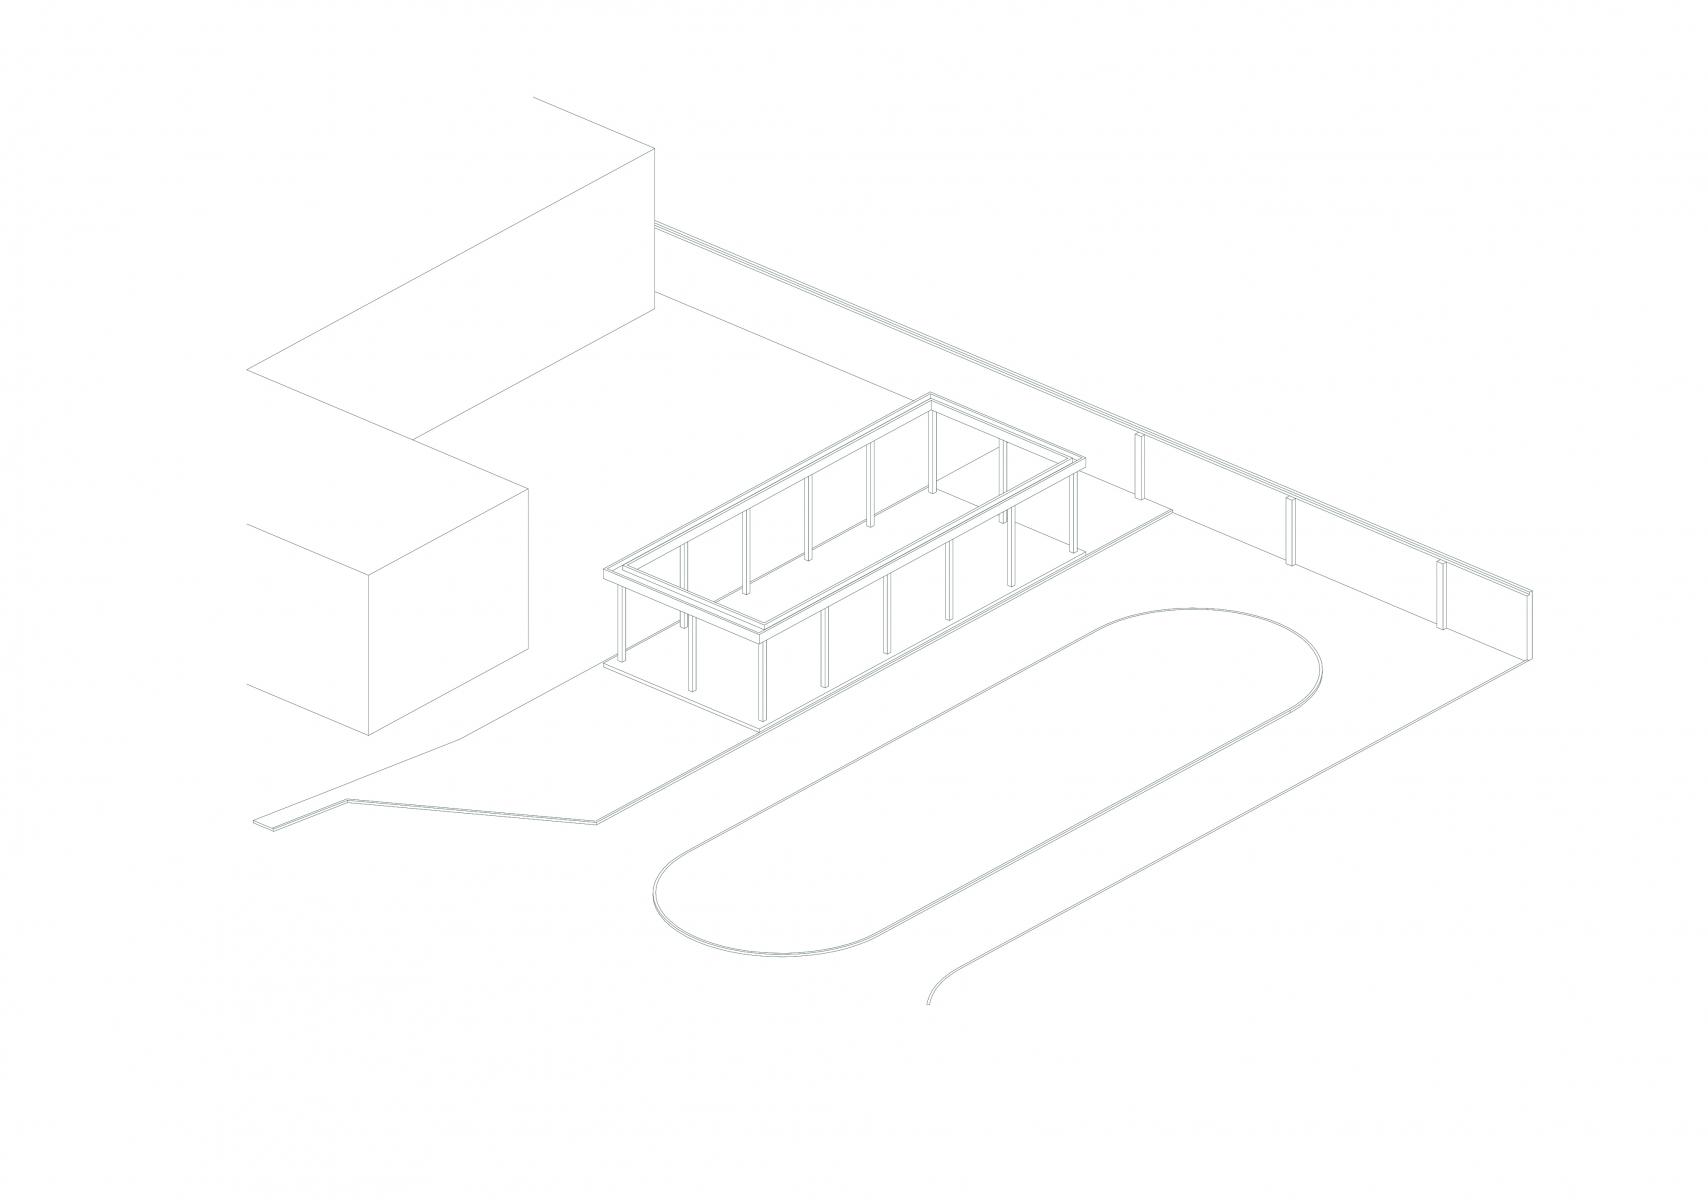 C:UsersGuillaumeSonnetCloudStation1-Projet2-Appel d'offre1-Projet2020200611_Saint-Vincent_Soignies200602_3D SketchUp0_AXONO ASCE